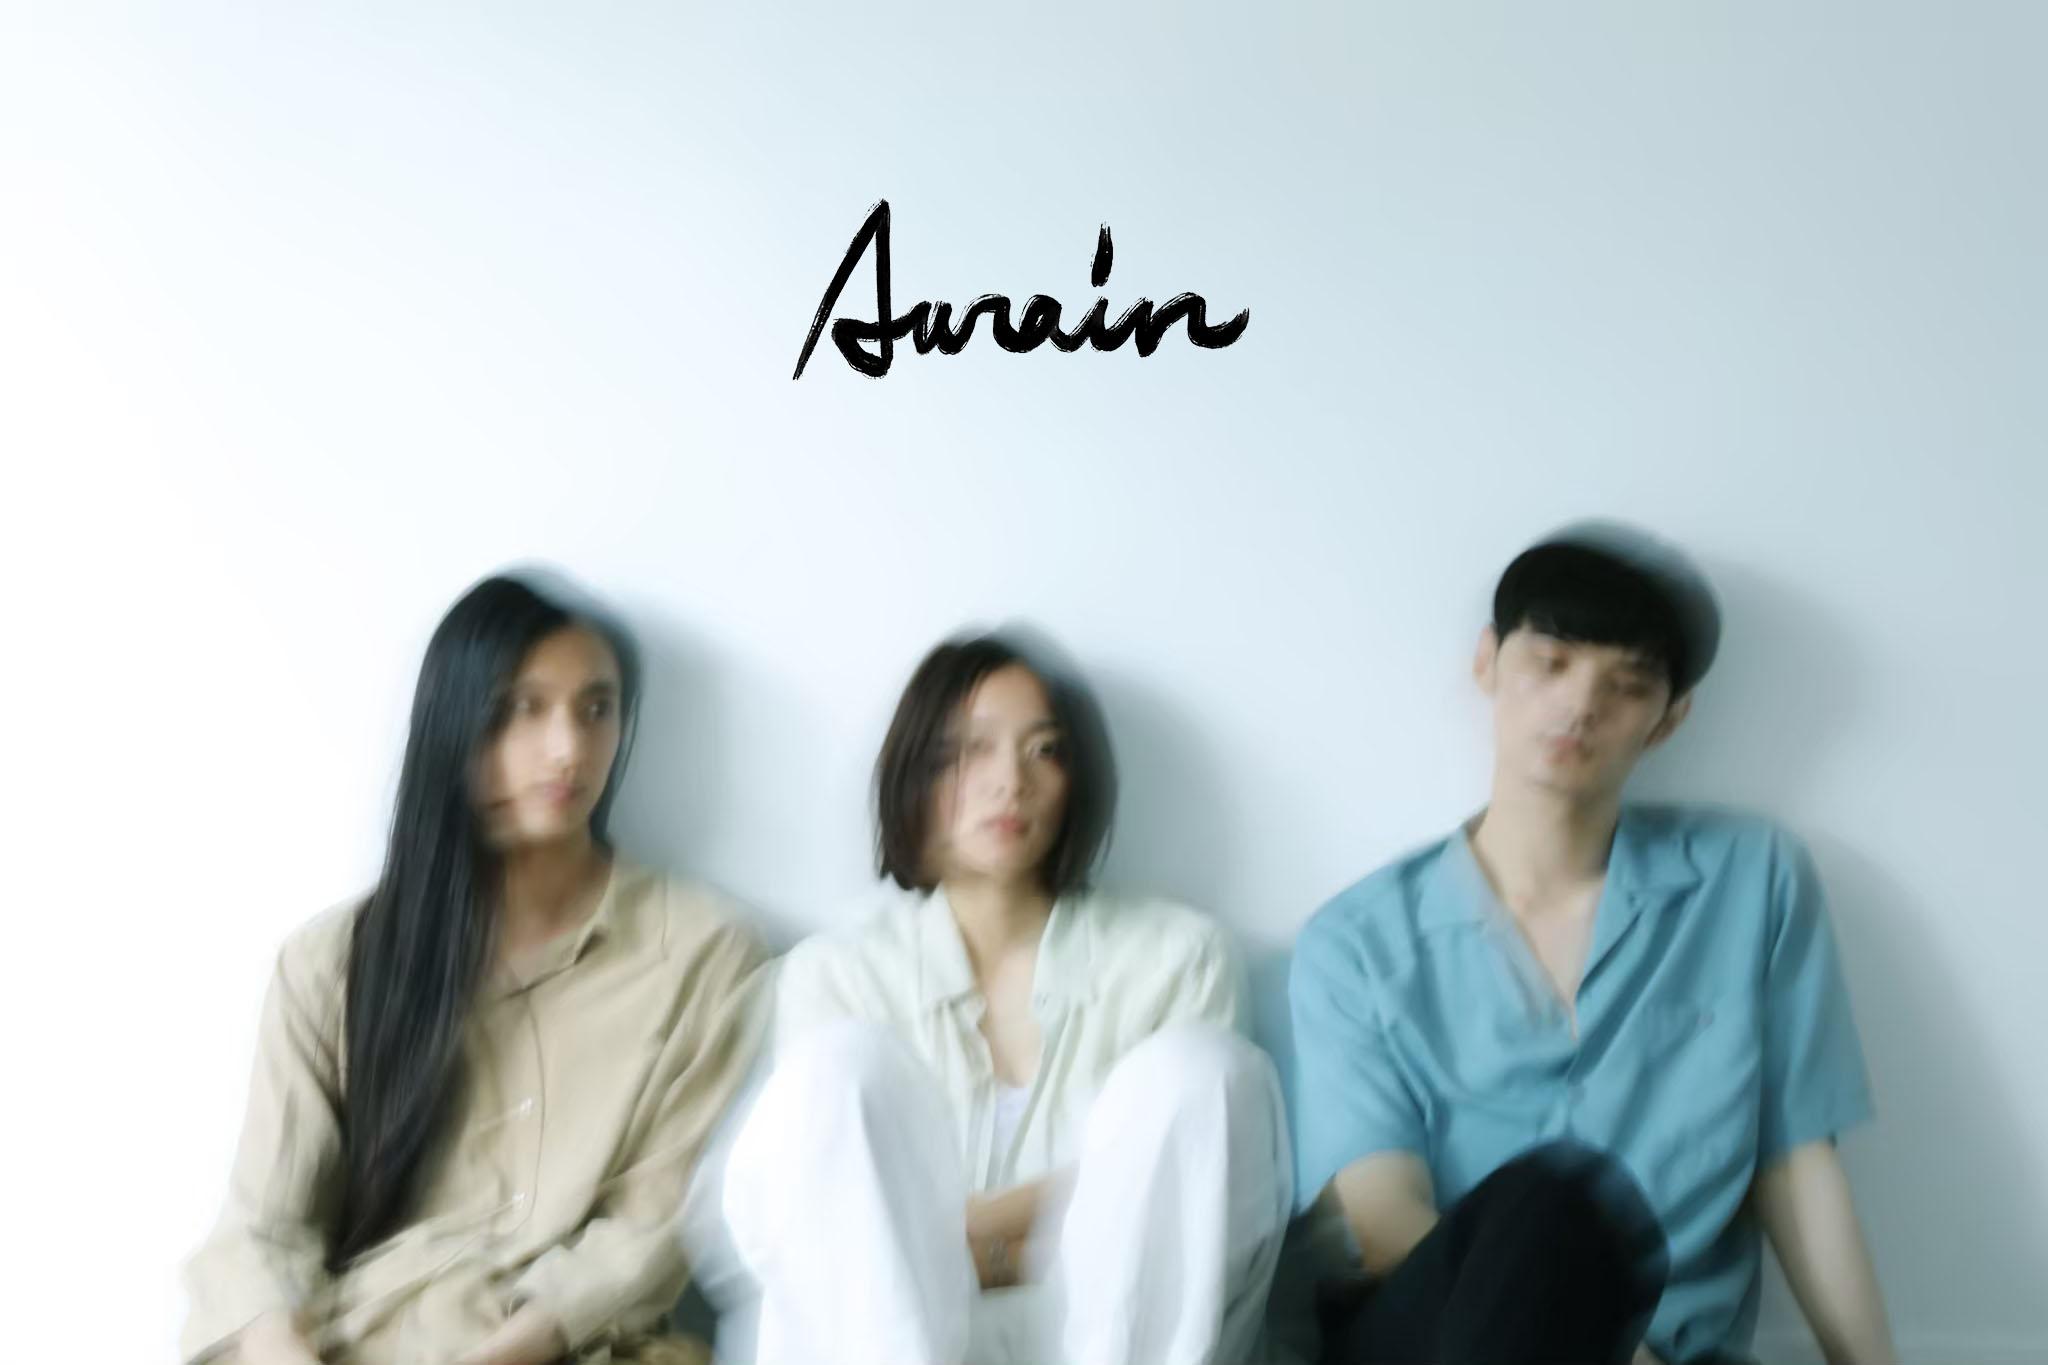 次世代オルタナティブ バンド『Aurain(オーレン)』がデビュー。10月29日にFirst EP ... 画像